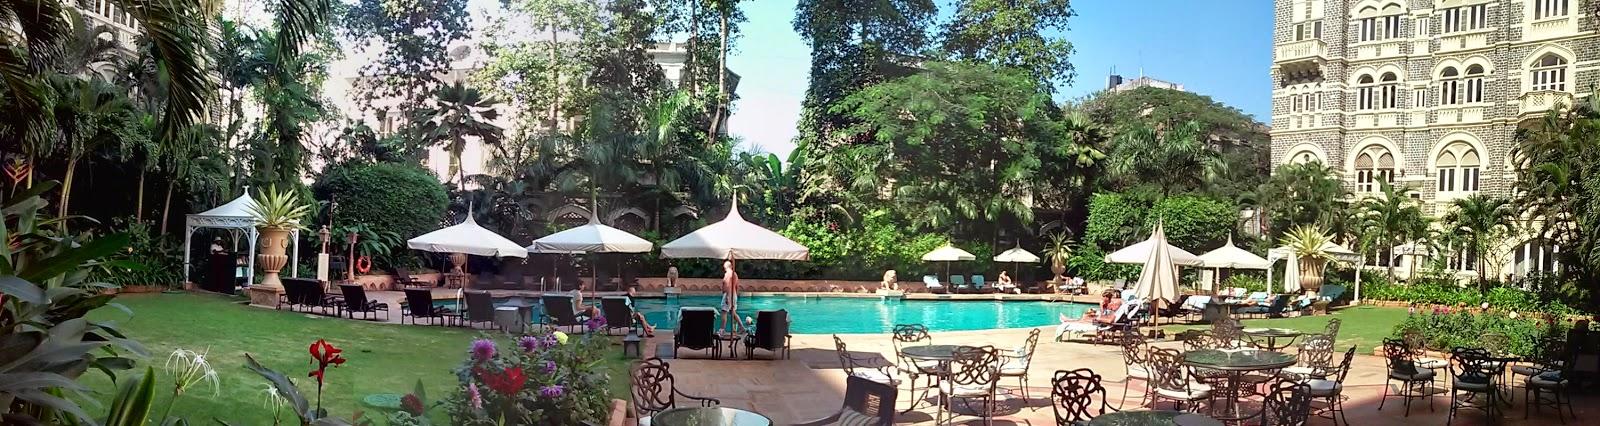 piscine taj mahal palace mumbai